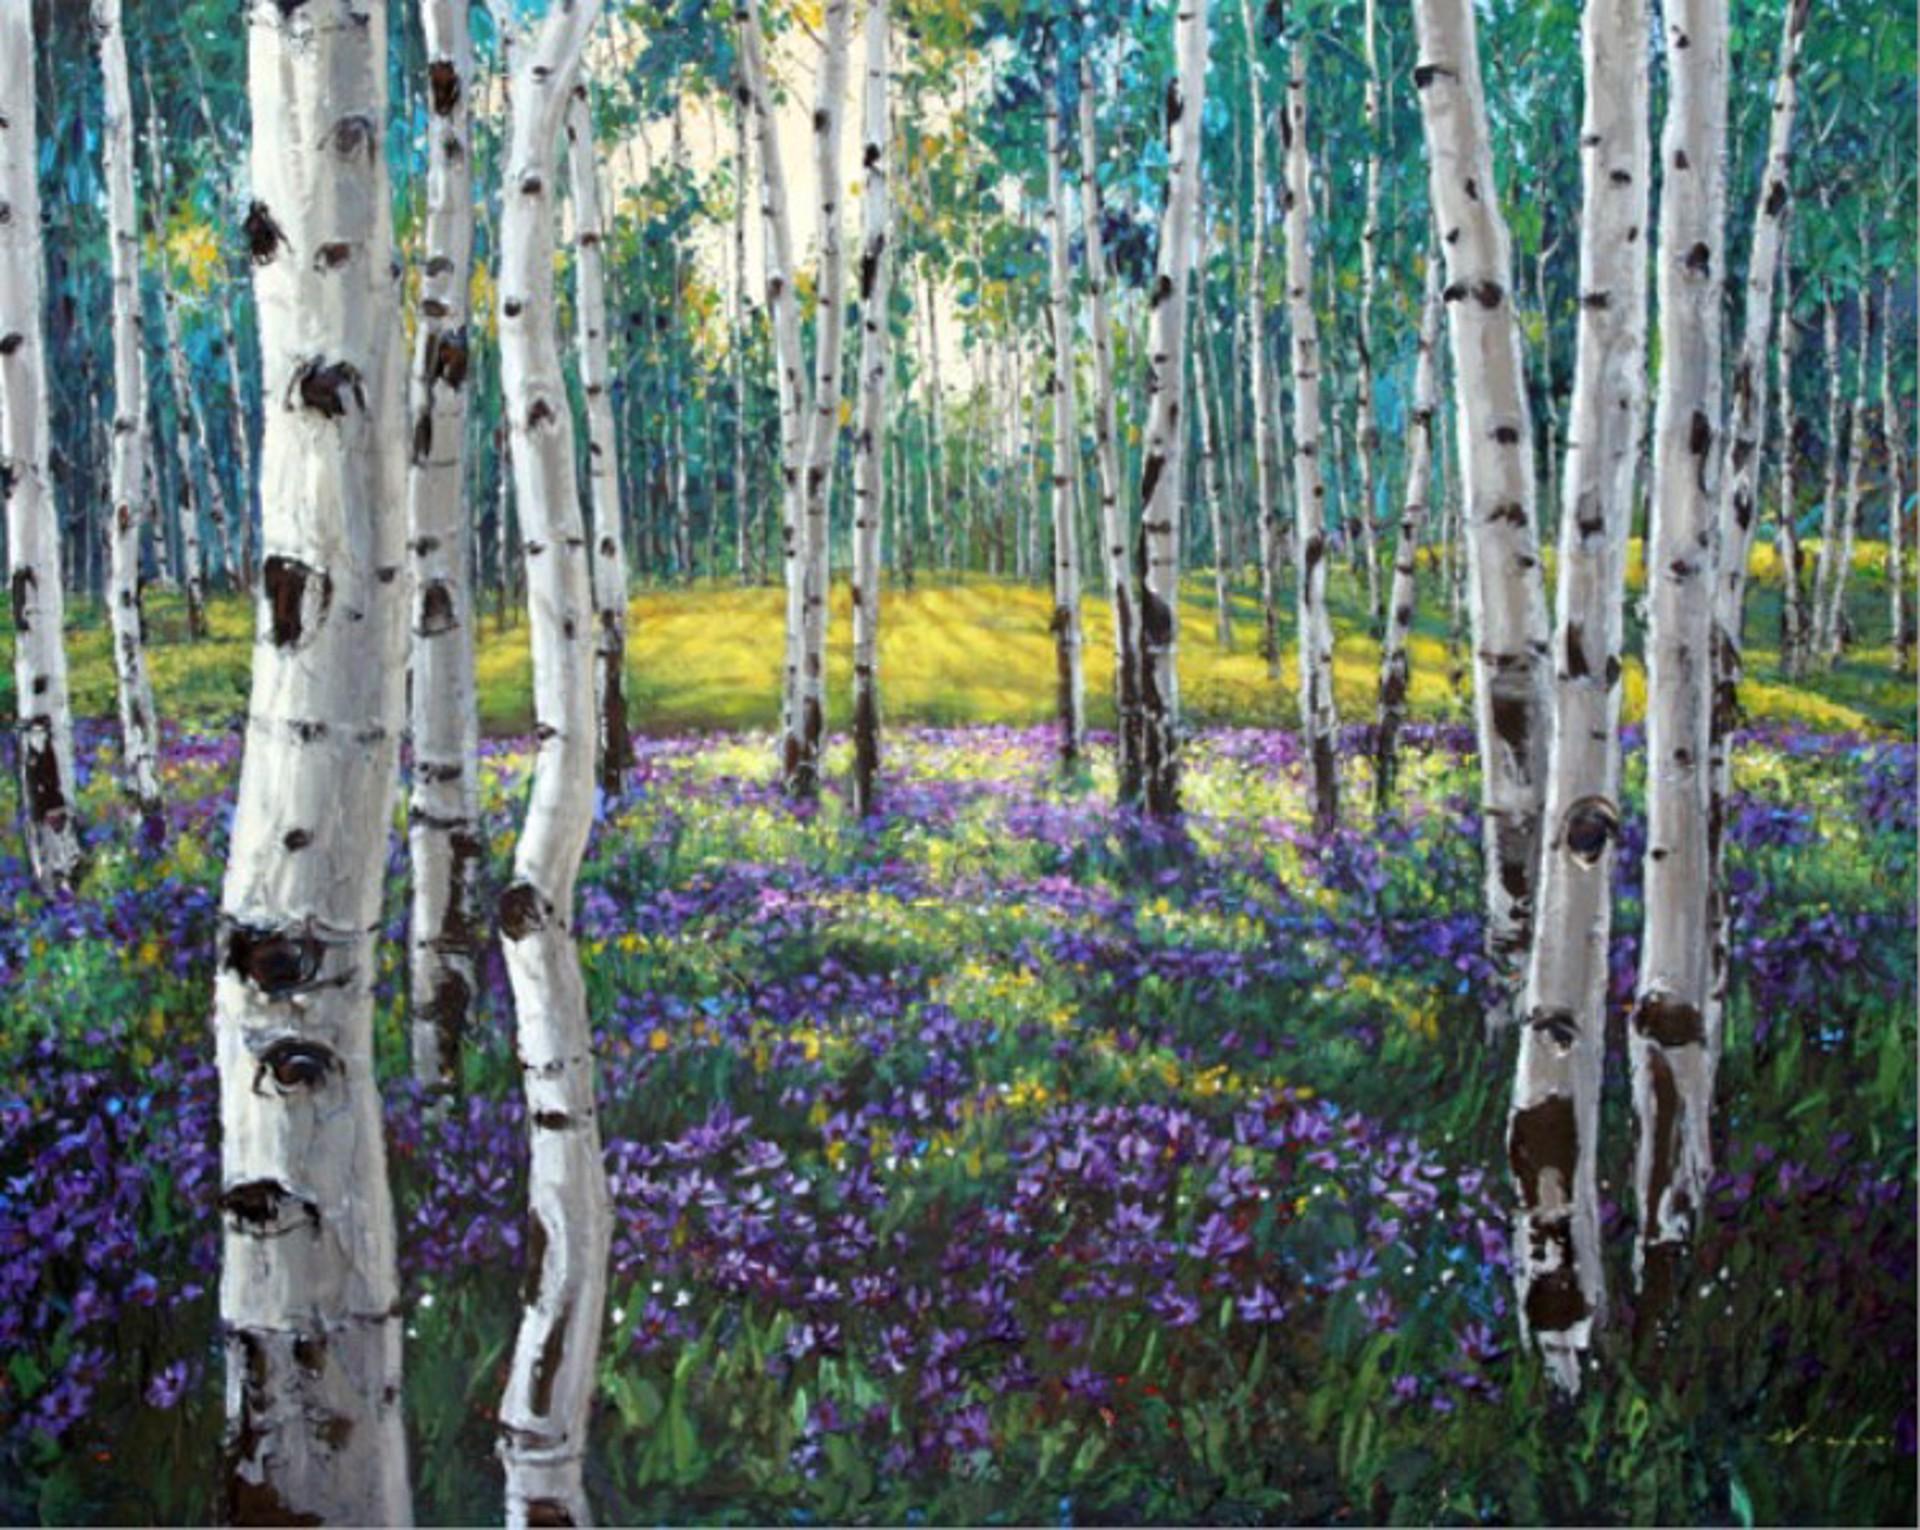 Meadow of Amethyst by Jennifer Vranes